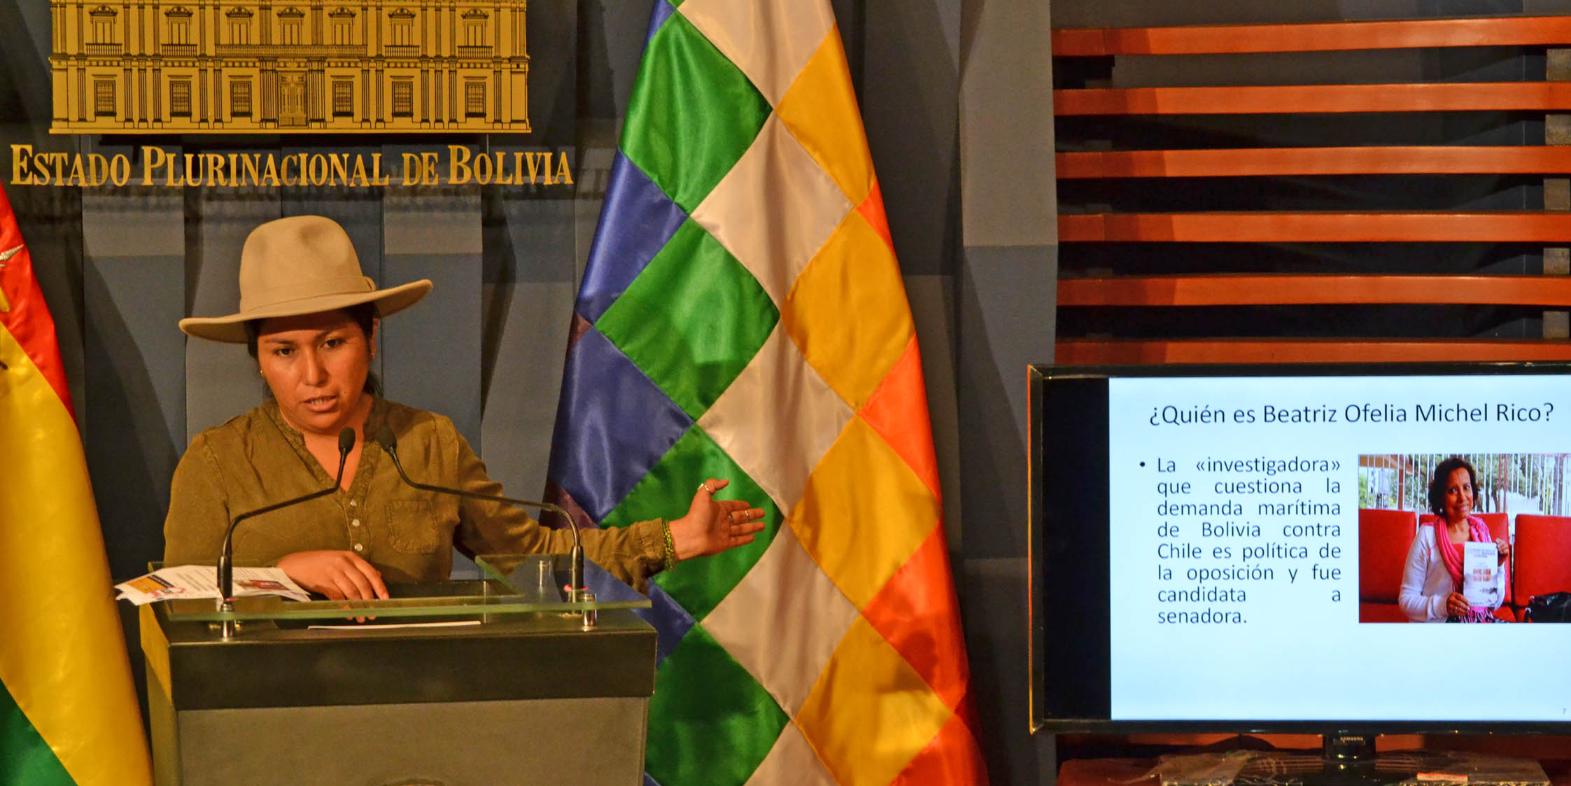 Picture principal - Bolivia: Otra nueva conspiración mediática